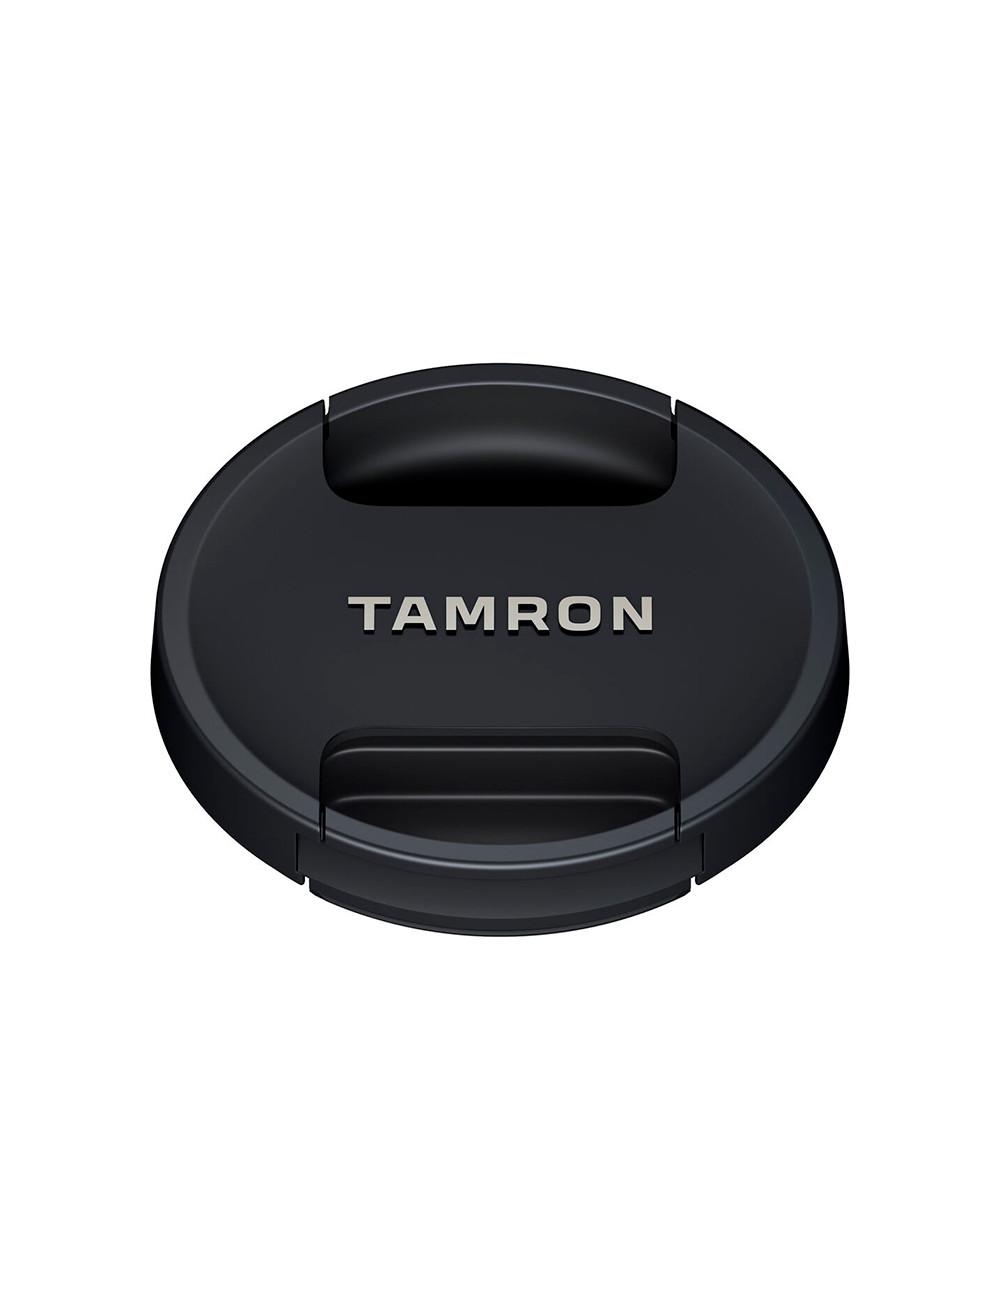 Manfrotto MKCOMPACTACN-BK Trípode Compact Action Negro Para Fotografía y Video